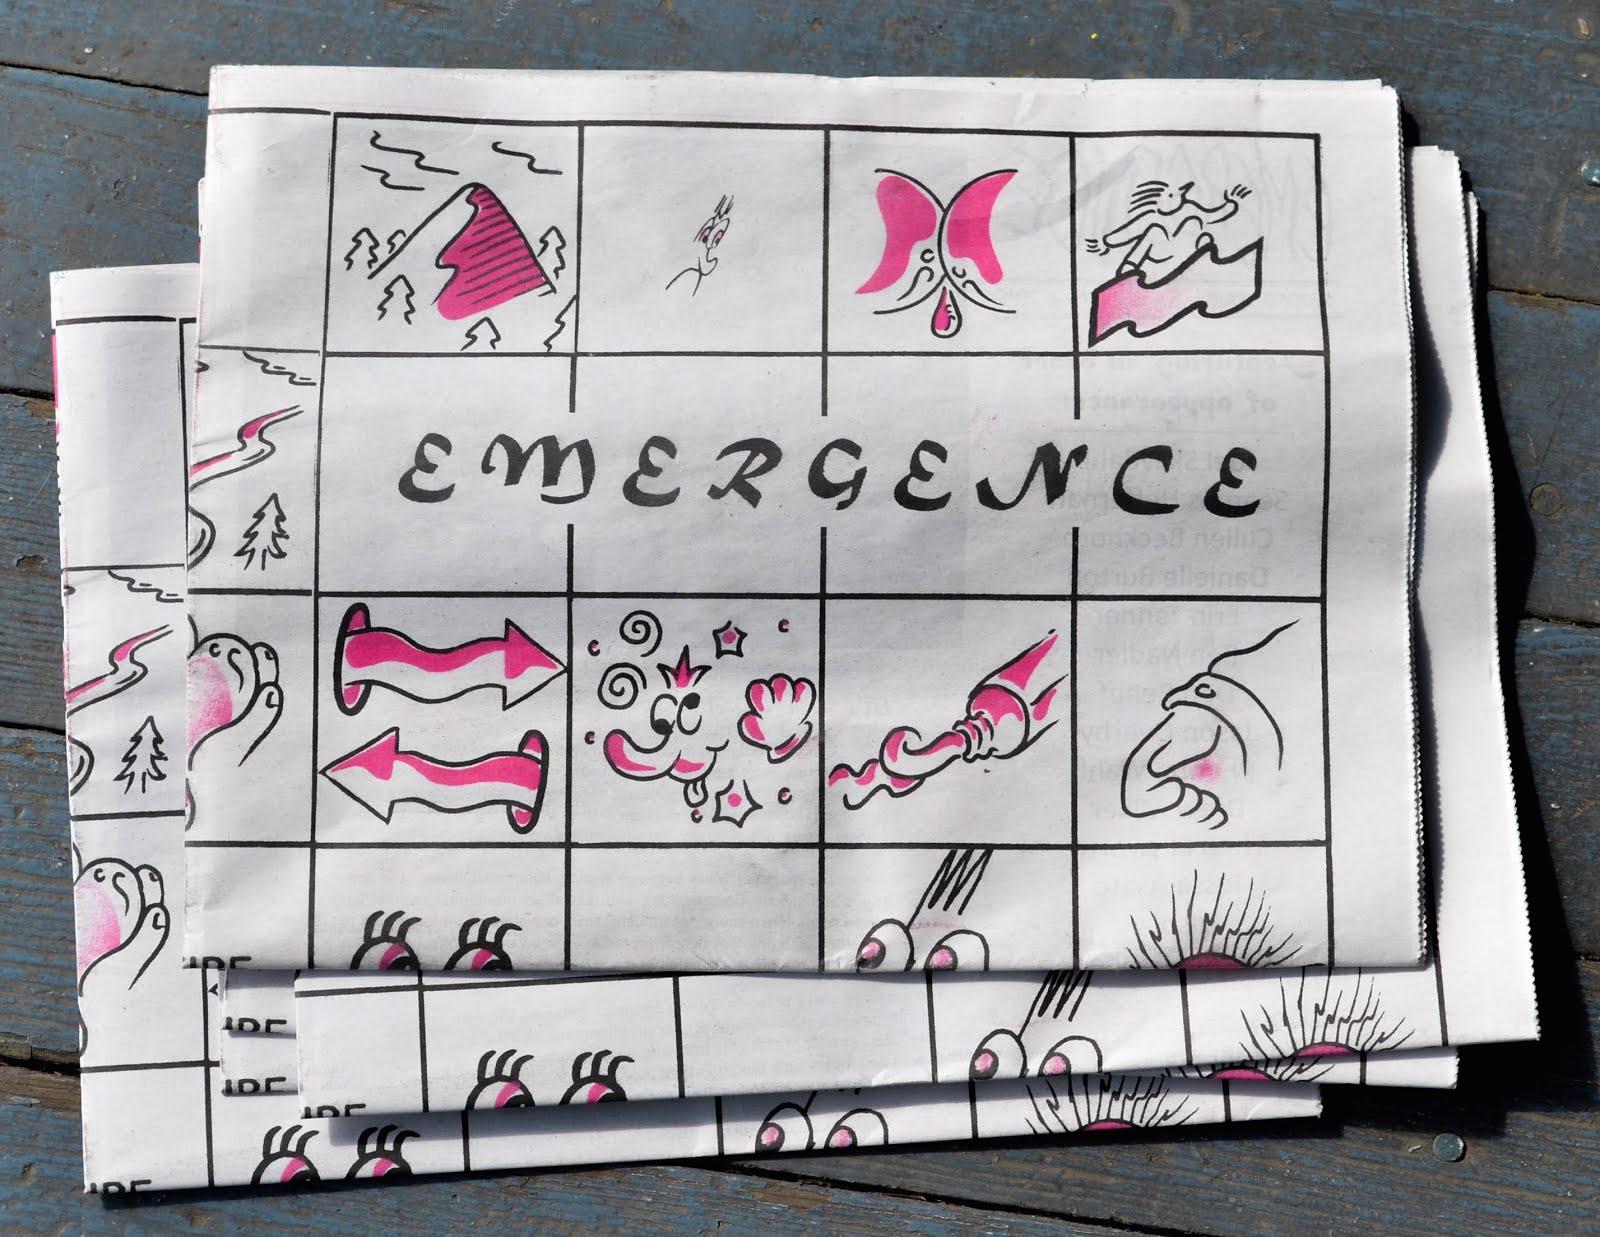 Emergence #2